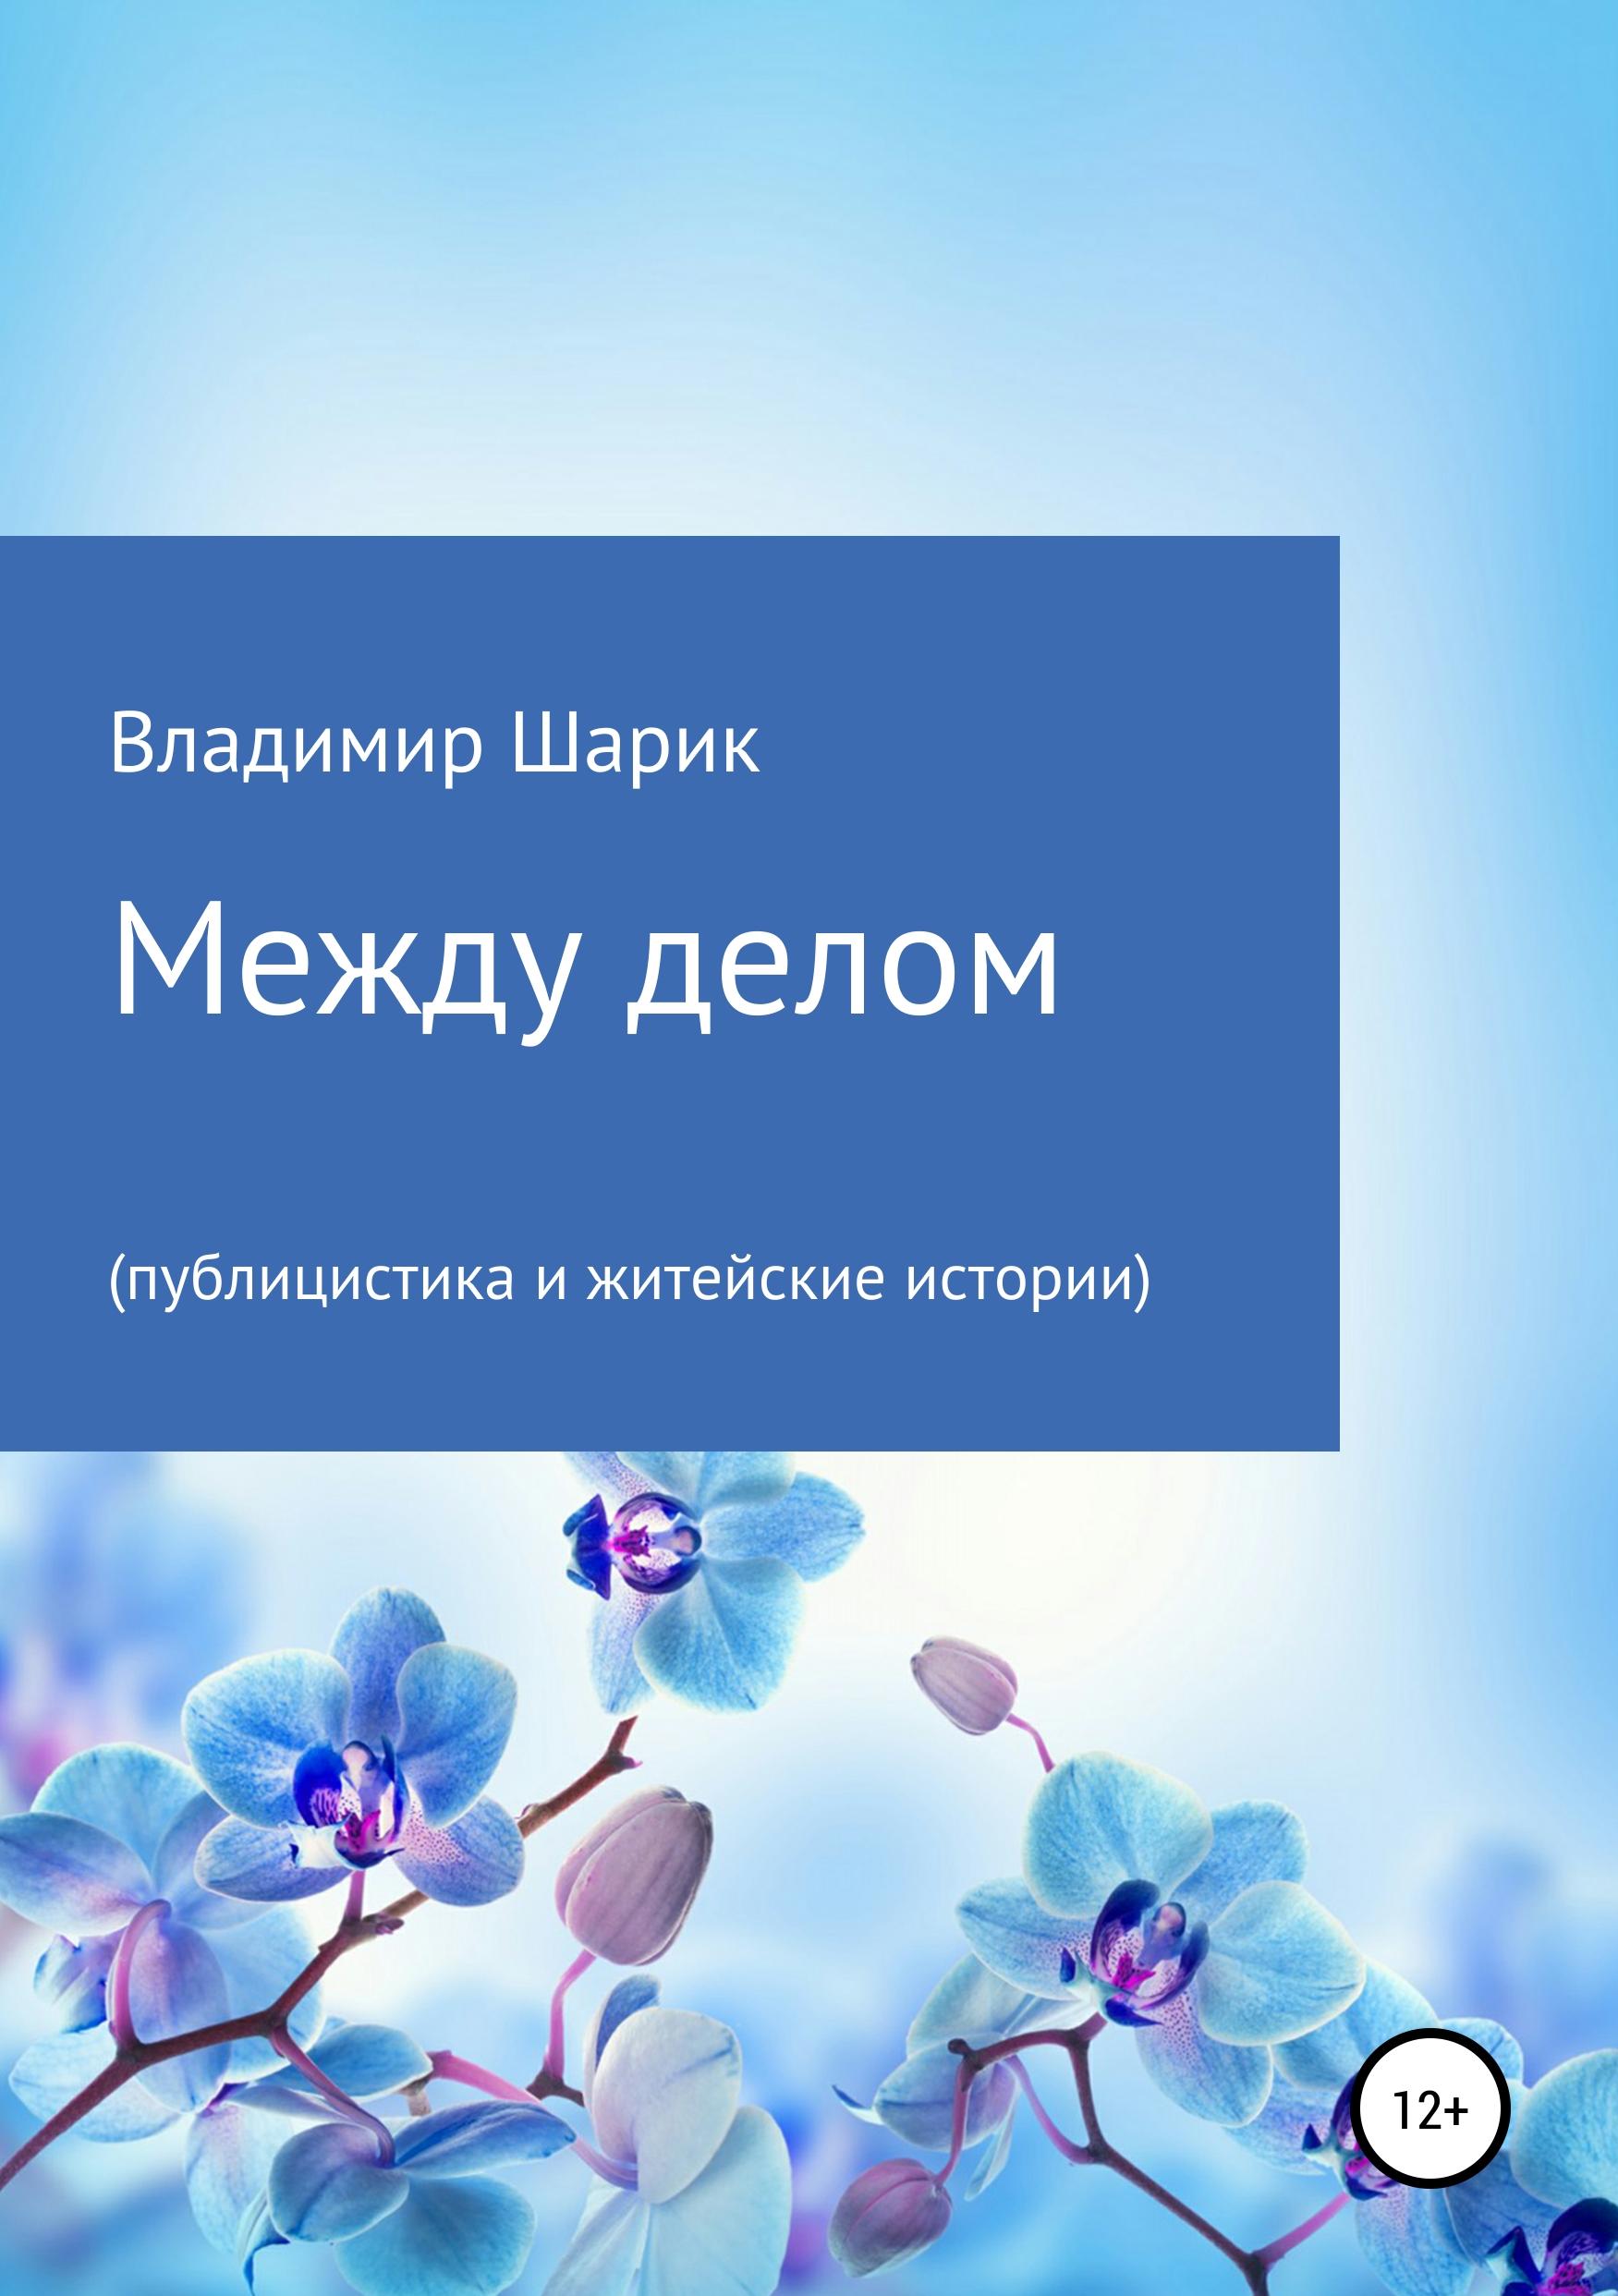 Фото - Владимир Михайлович Шарик Между делом (публицистика и житейские истории) между делом